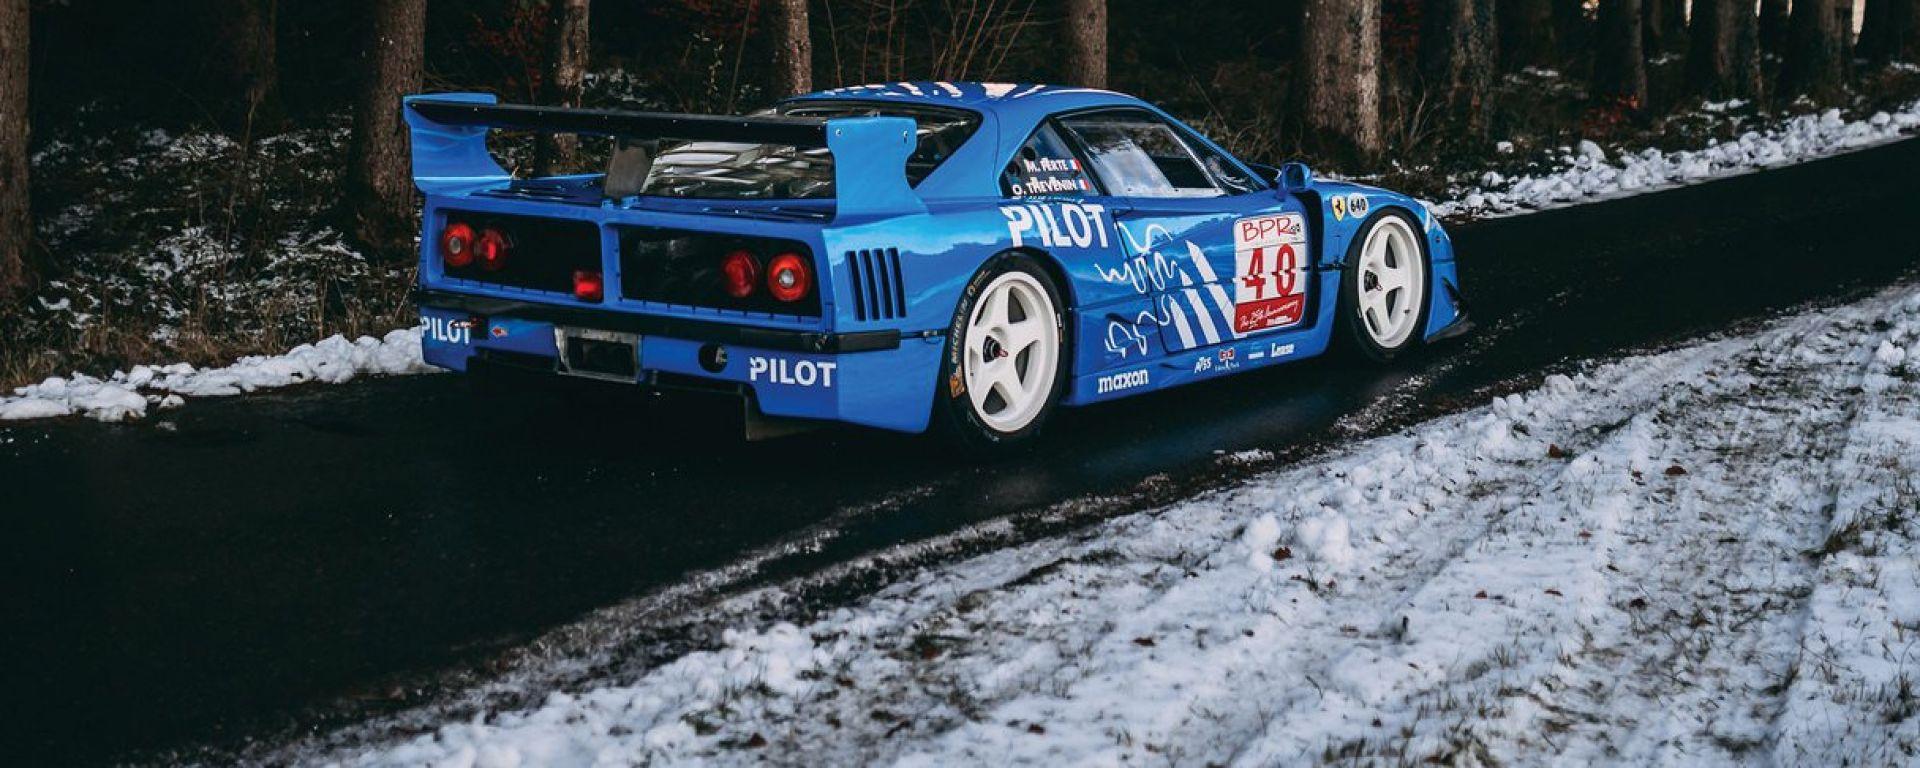 Ferrari F40 LM: all'asta la Ferrari delle Ferrari